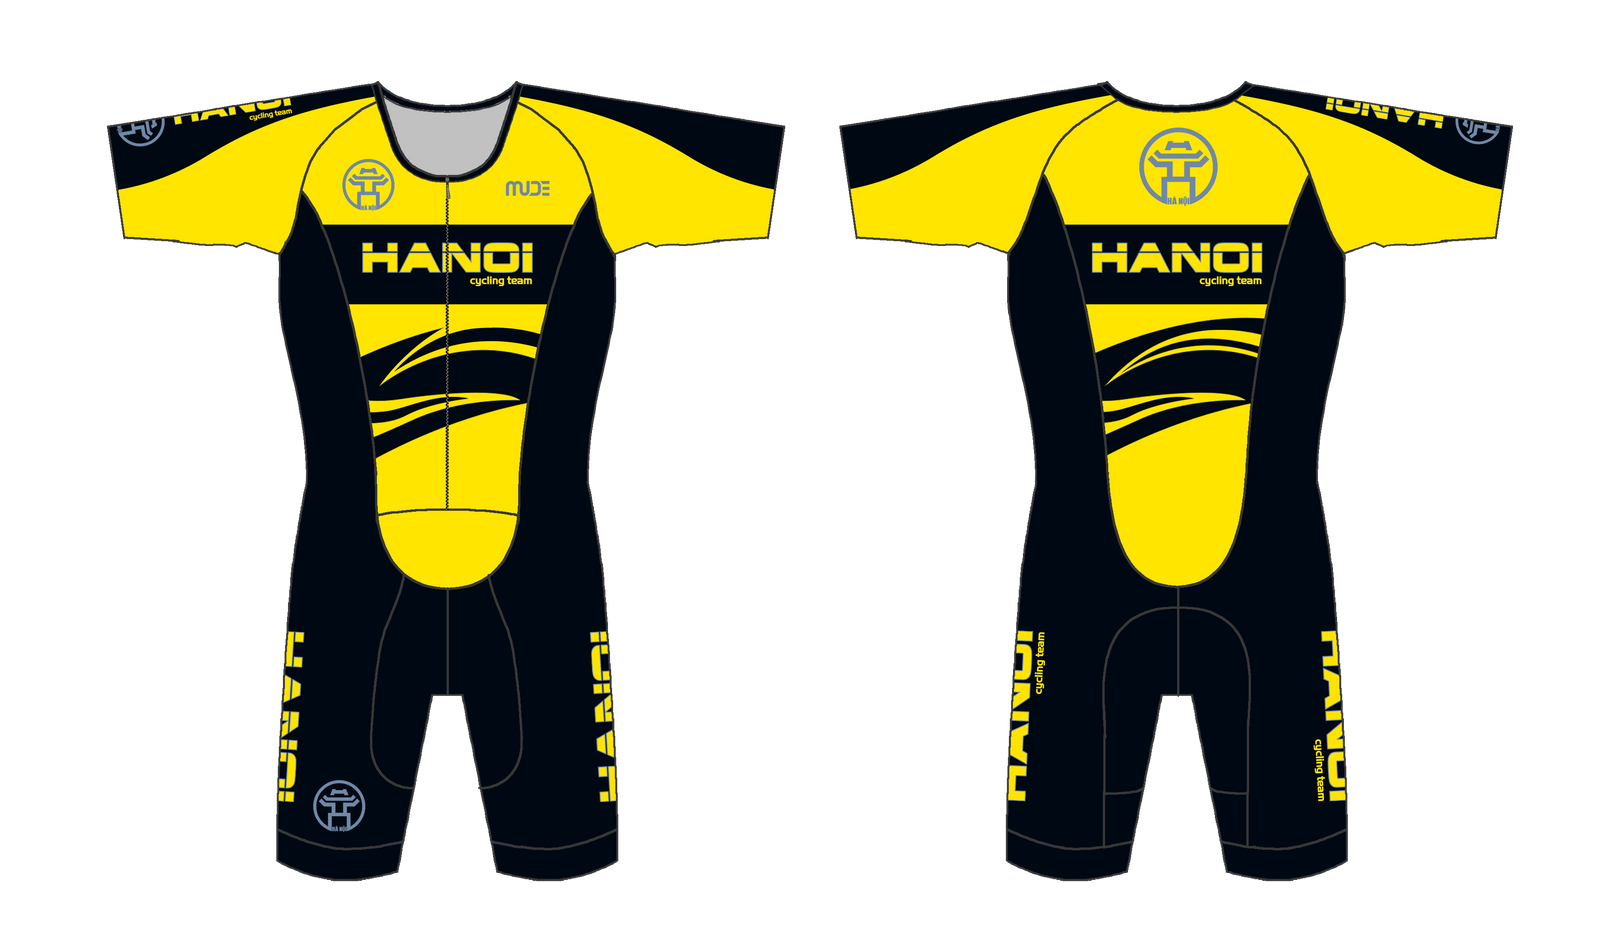 Hanoi Trisuit Open